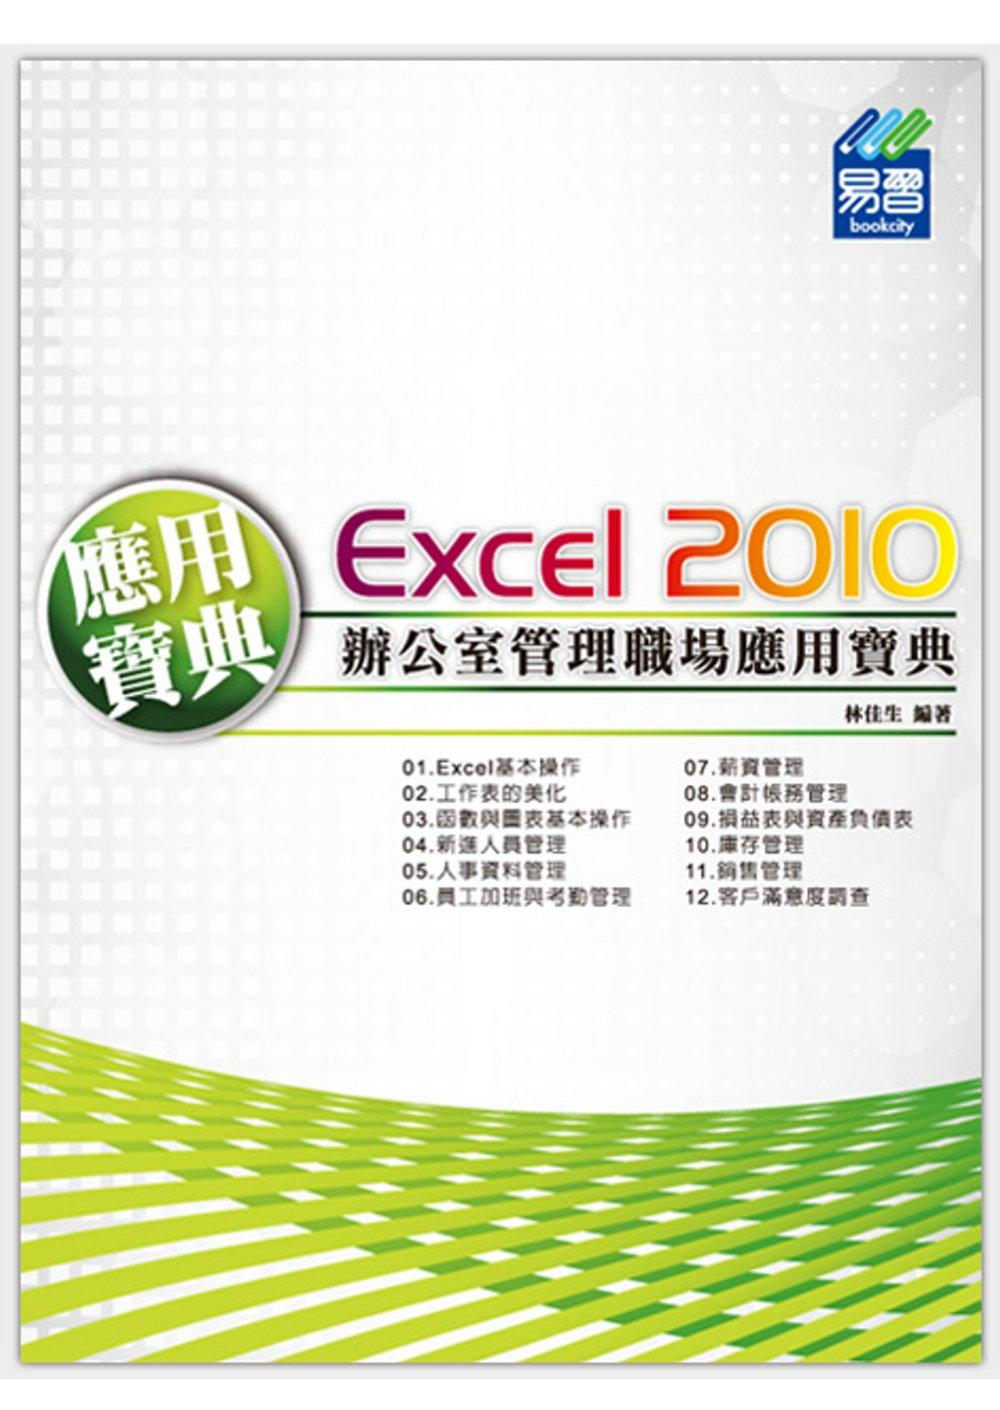 Excel 2010 辦公室管理職場應用寶典(附綠色範例檔)